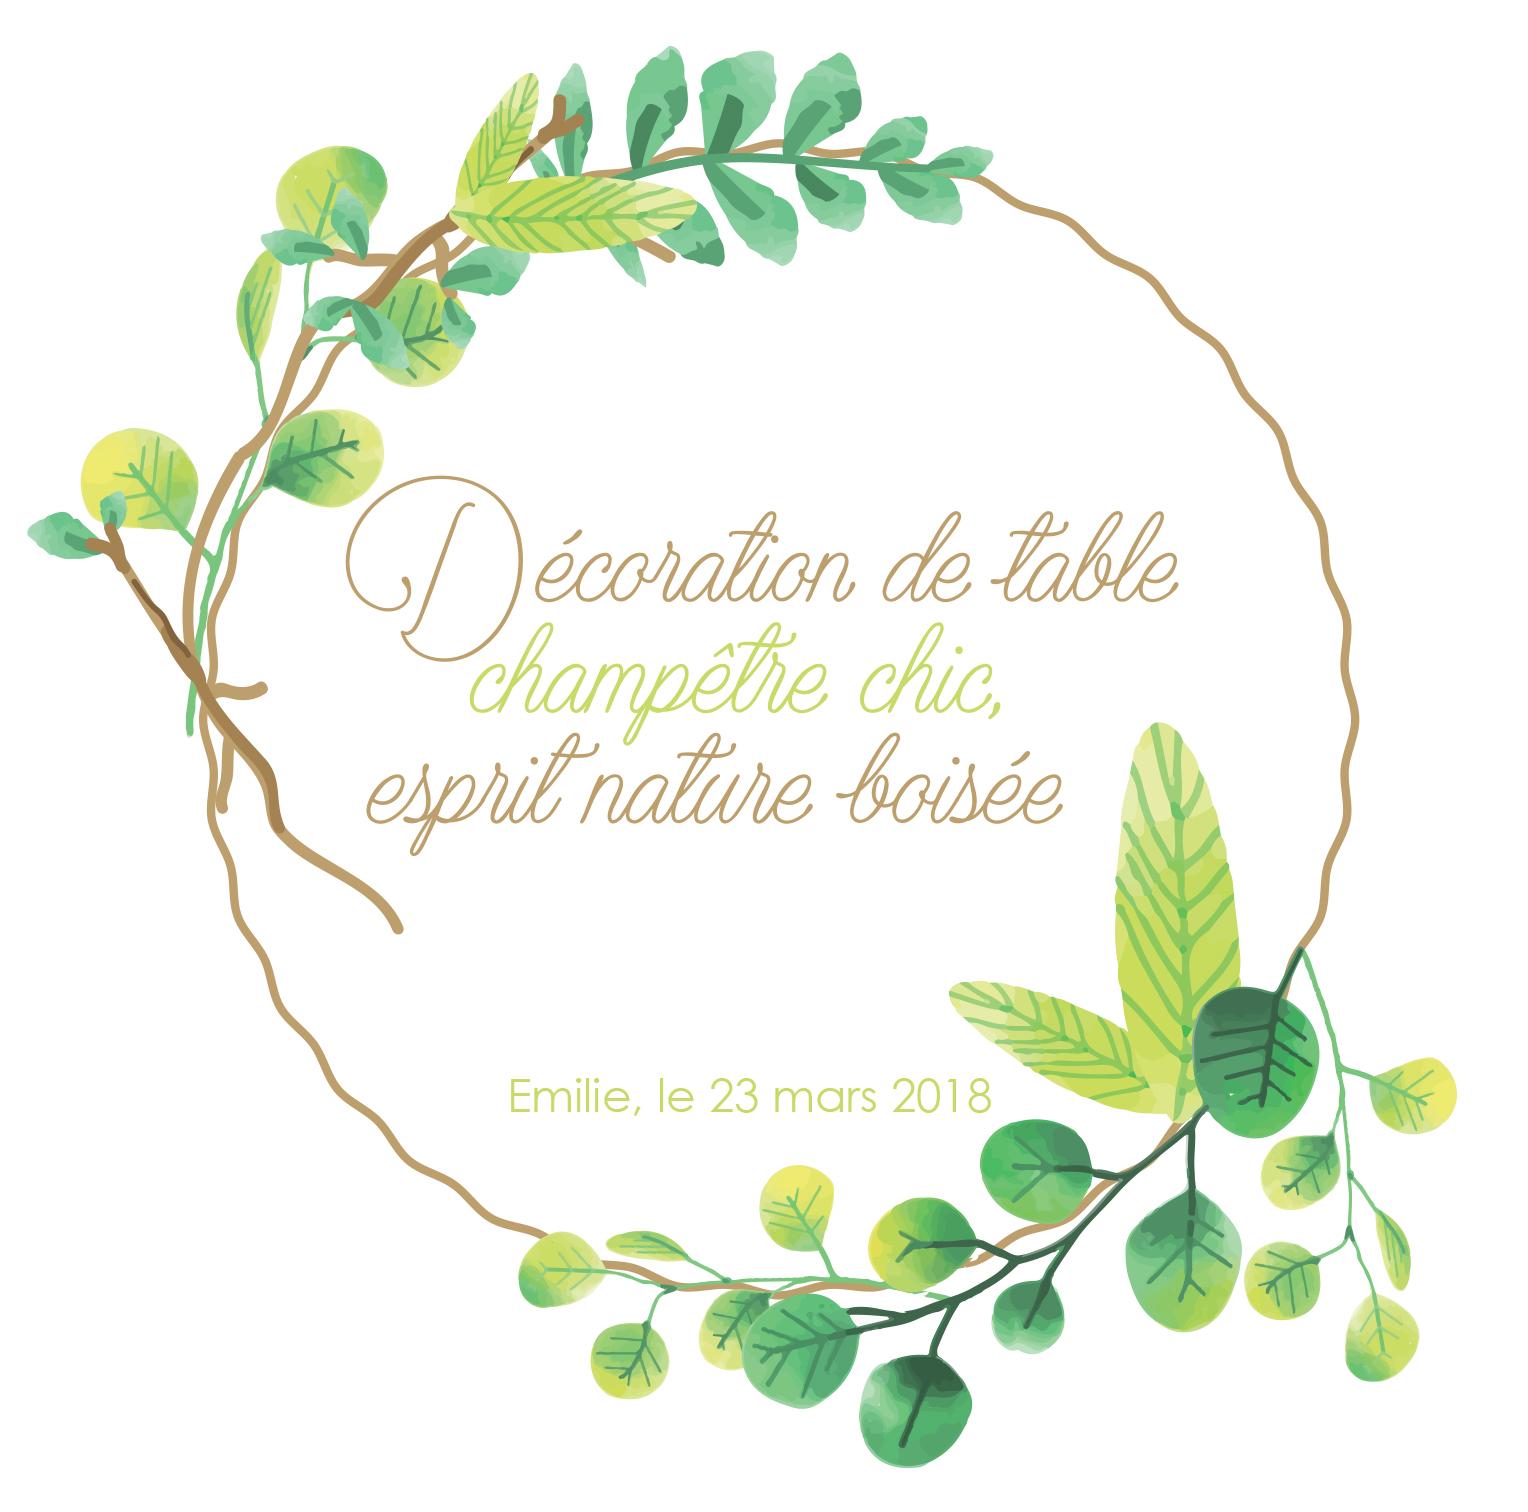 D coration de table champ tre chic esprit nature bois e - Deco salon nature ...